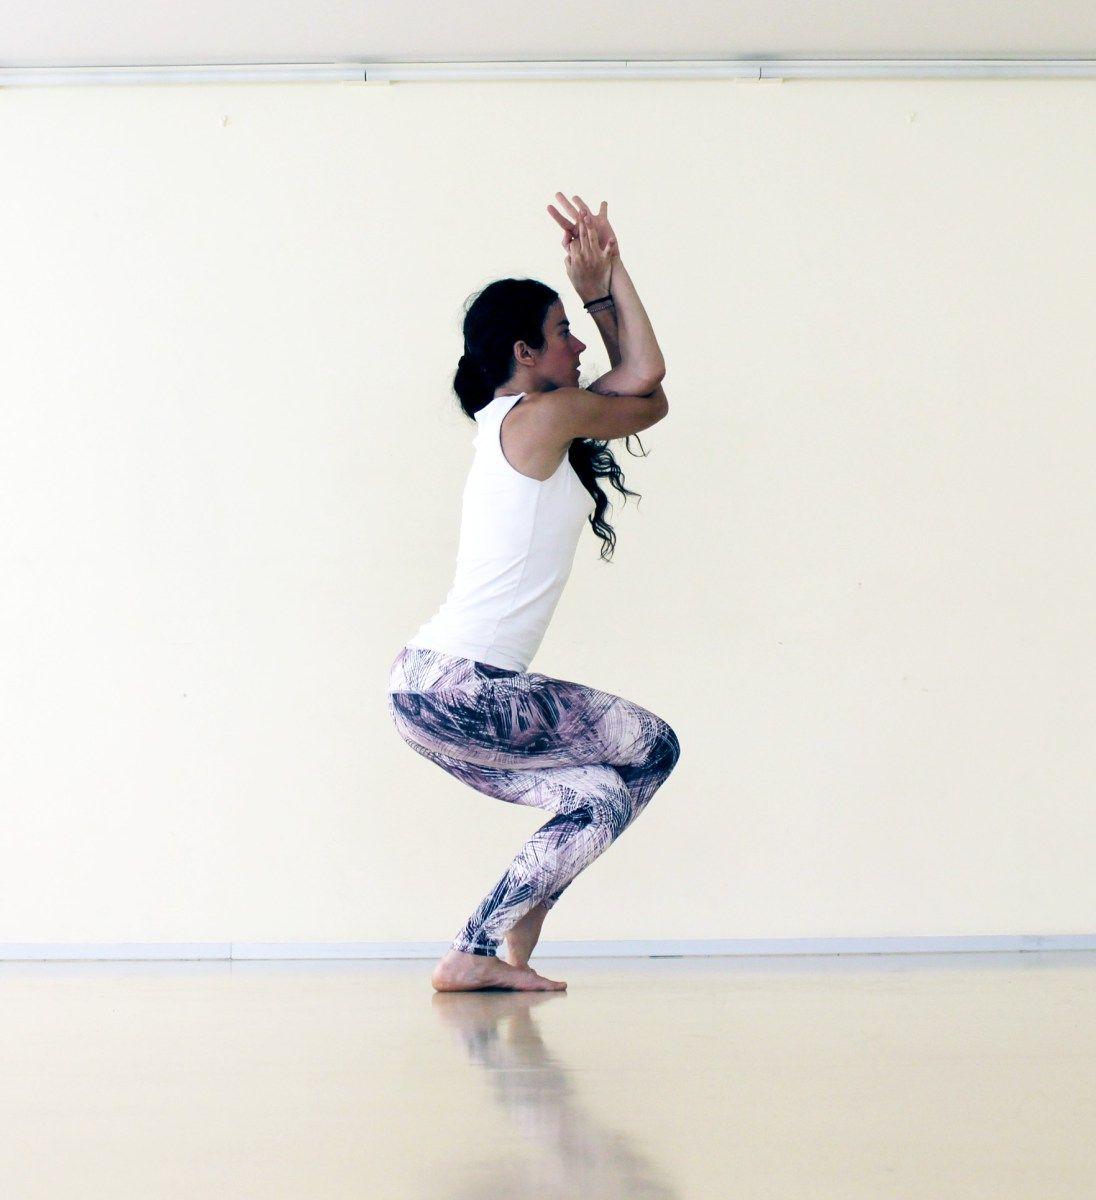 ¿Sabes identificar los músculos que componen tu pelvis? Uno de ellos, el piramidal, es fundamental para la estabilidad, movimiento y salud en general de tus piernas y espalda. Algunos ya lo conoce…